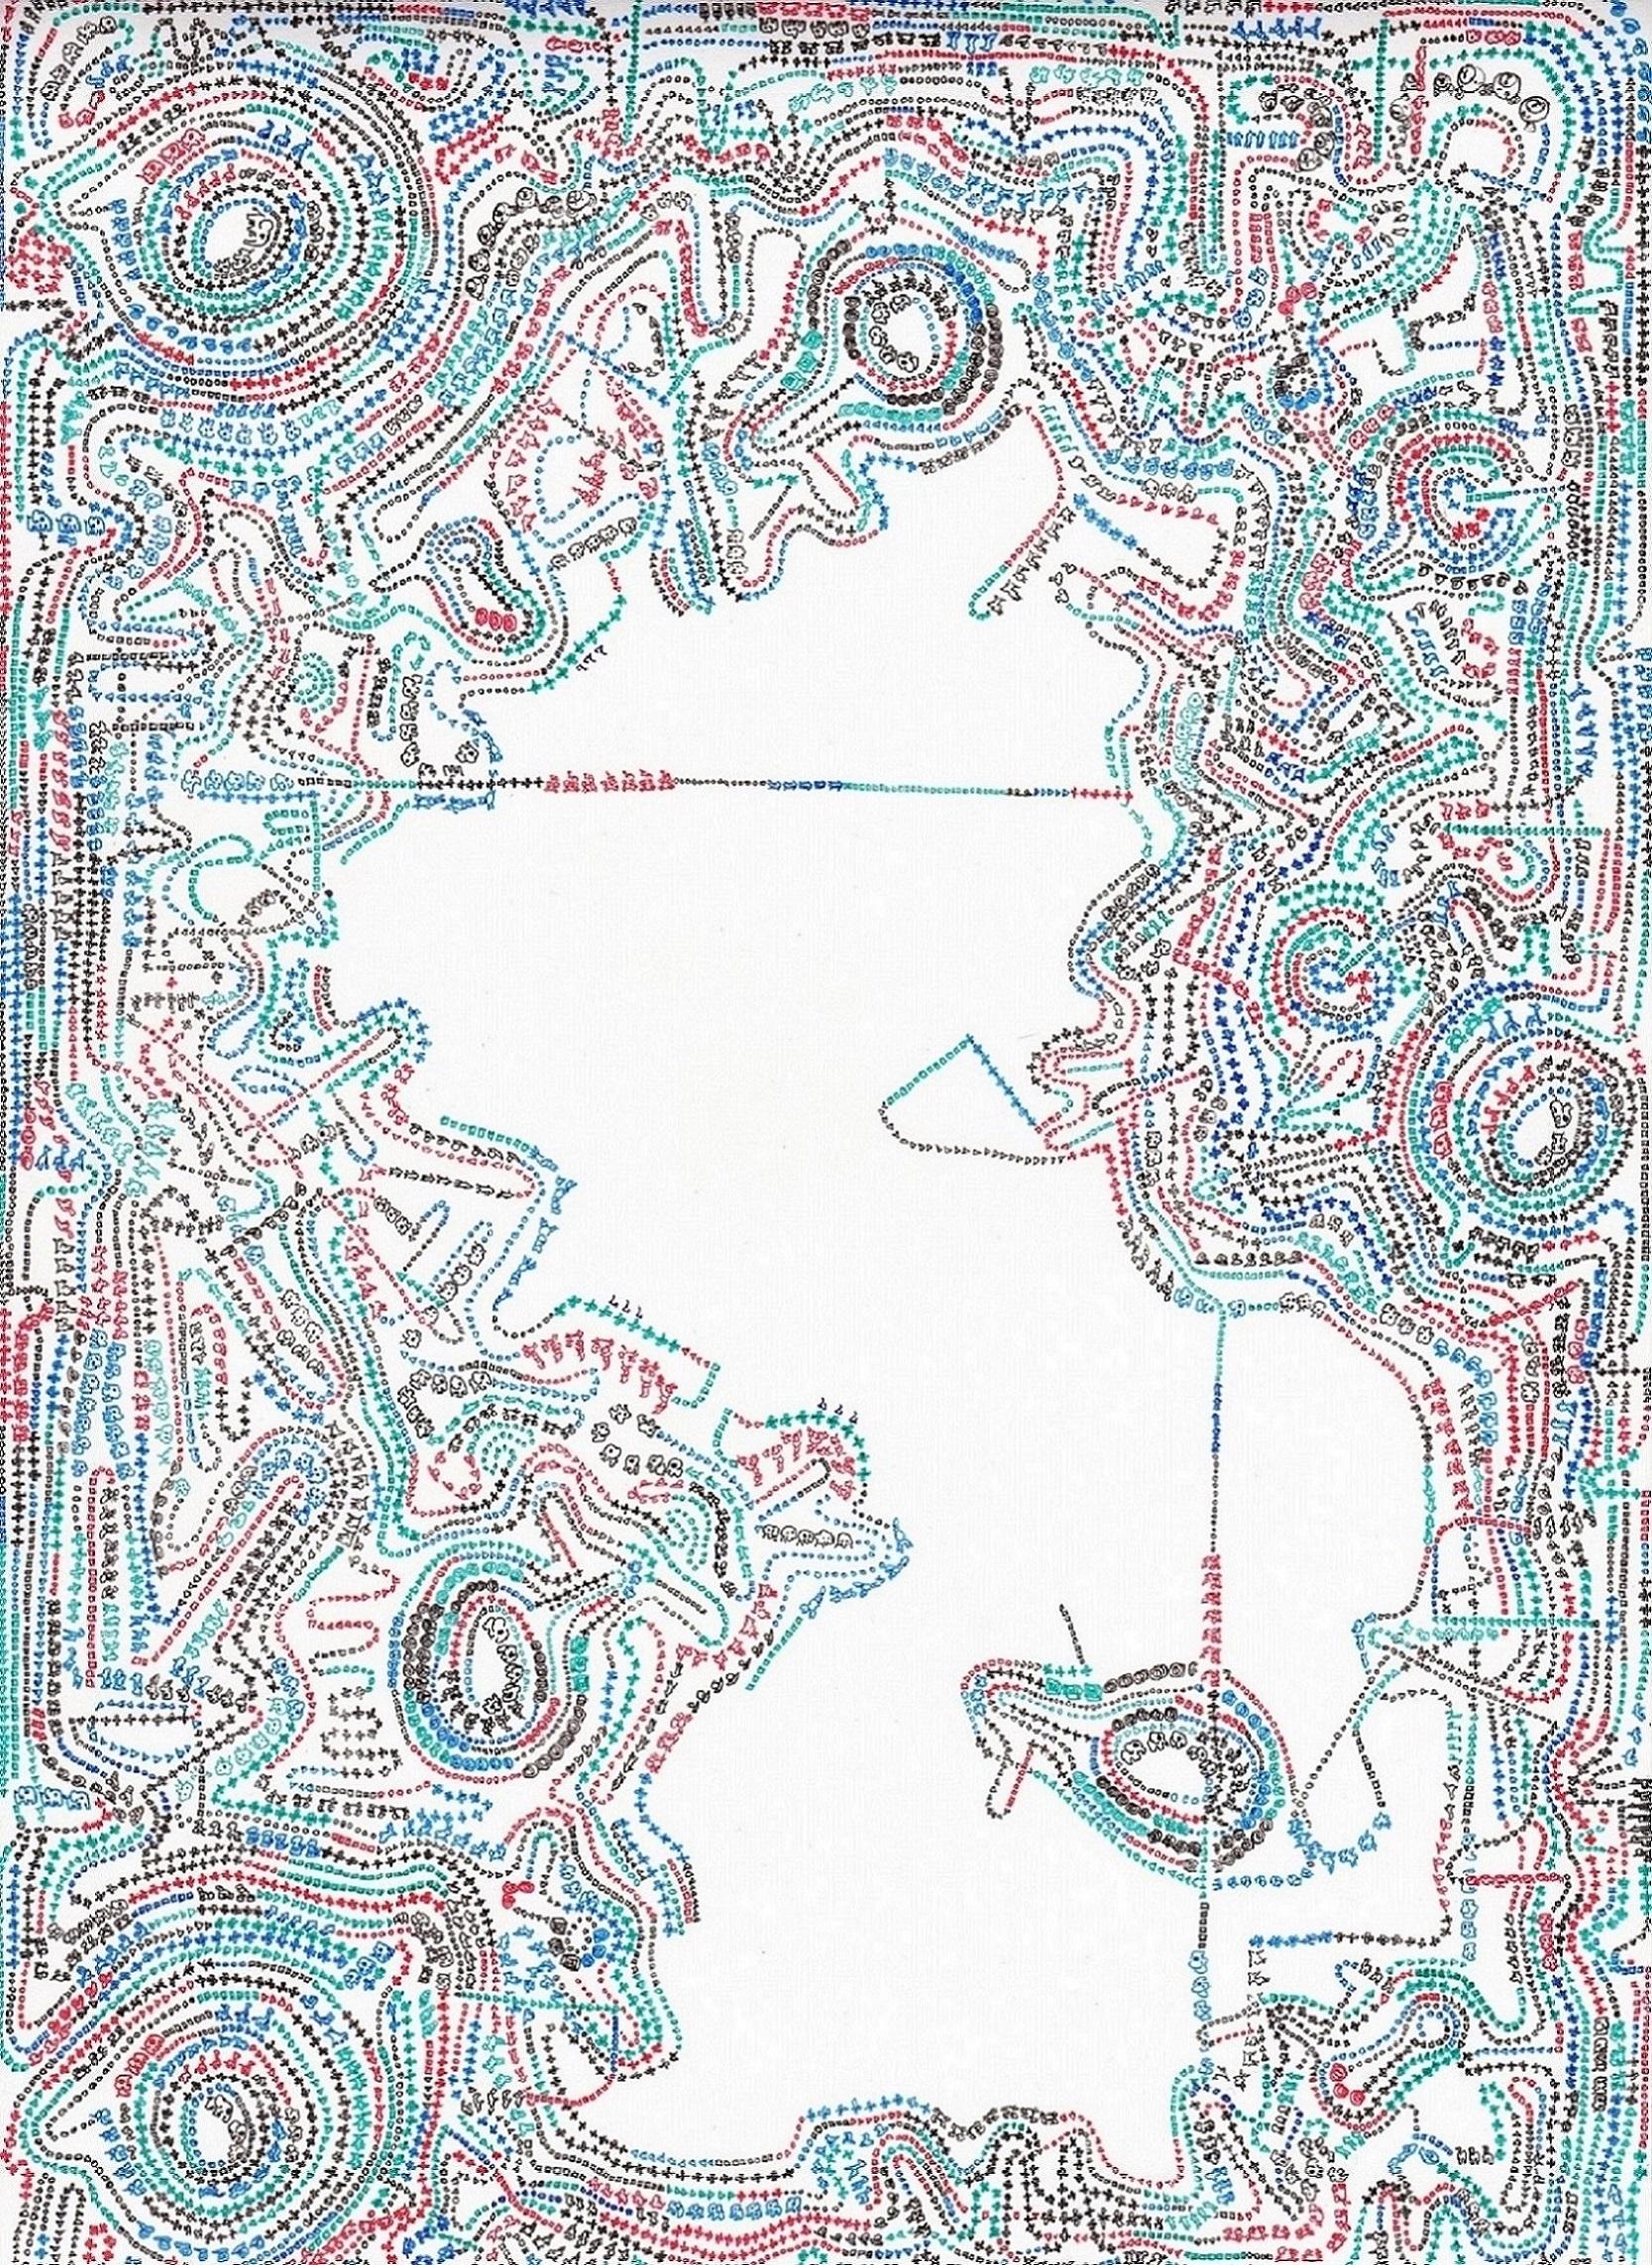 drawing #01#01